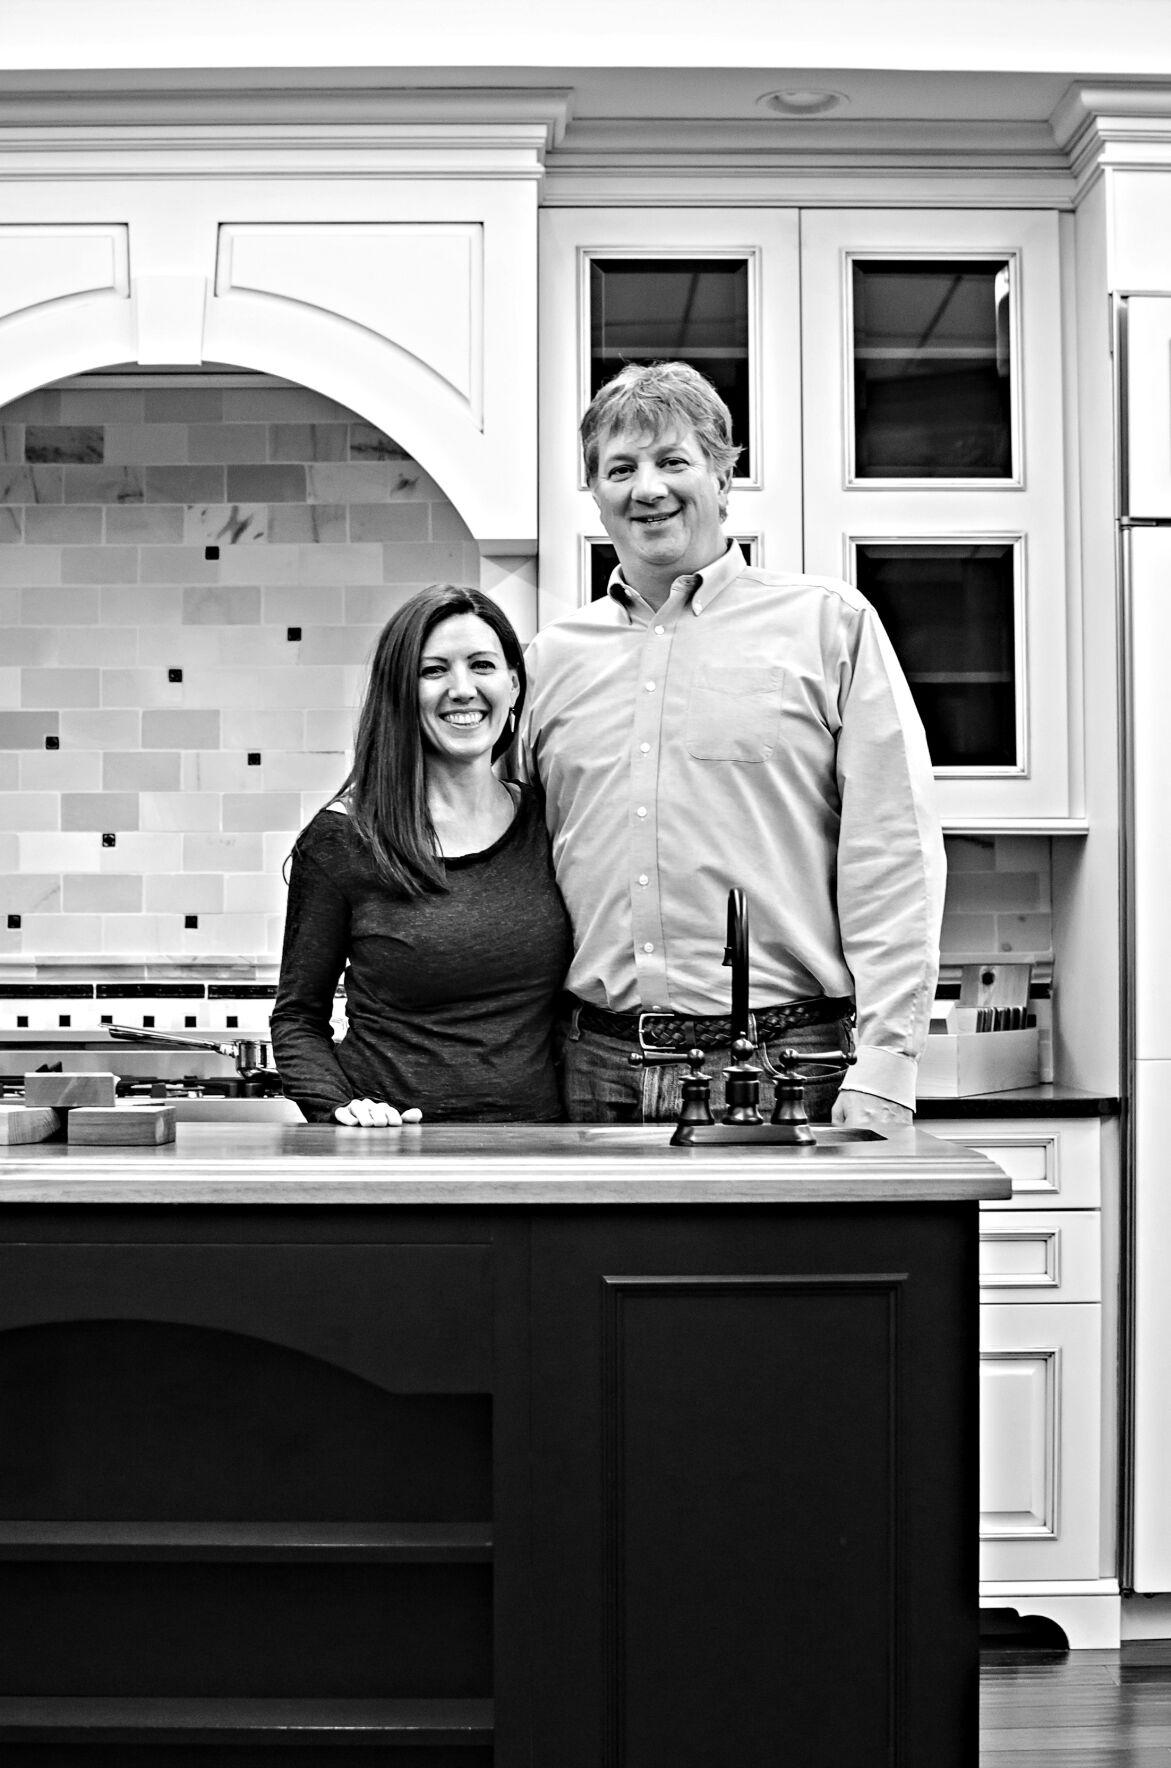 Working Kitchen Ltd. Couple